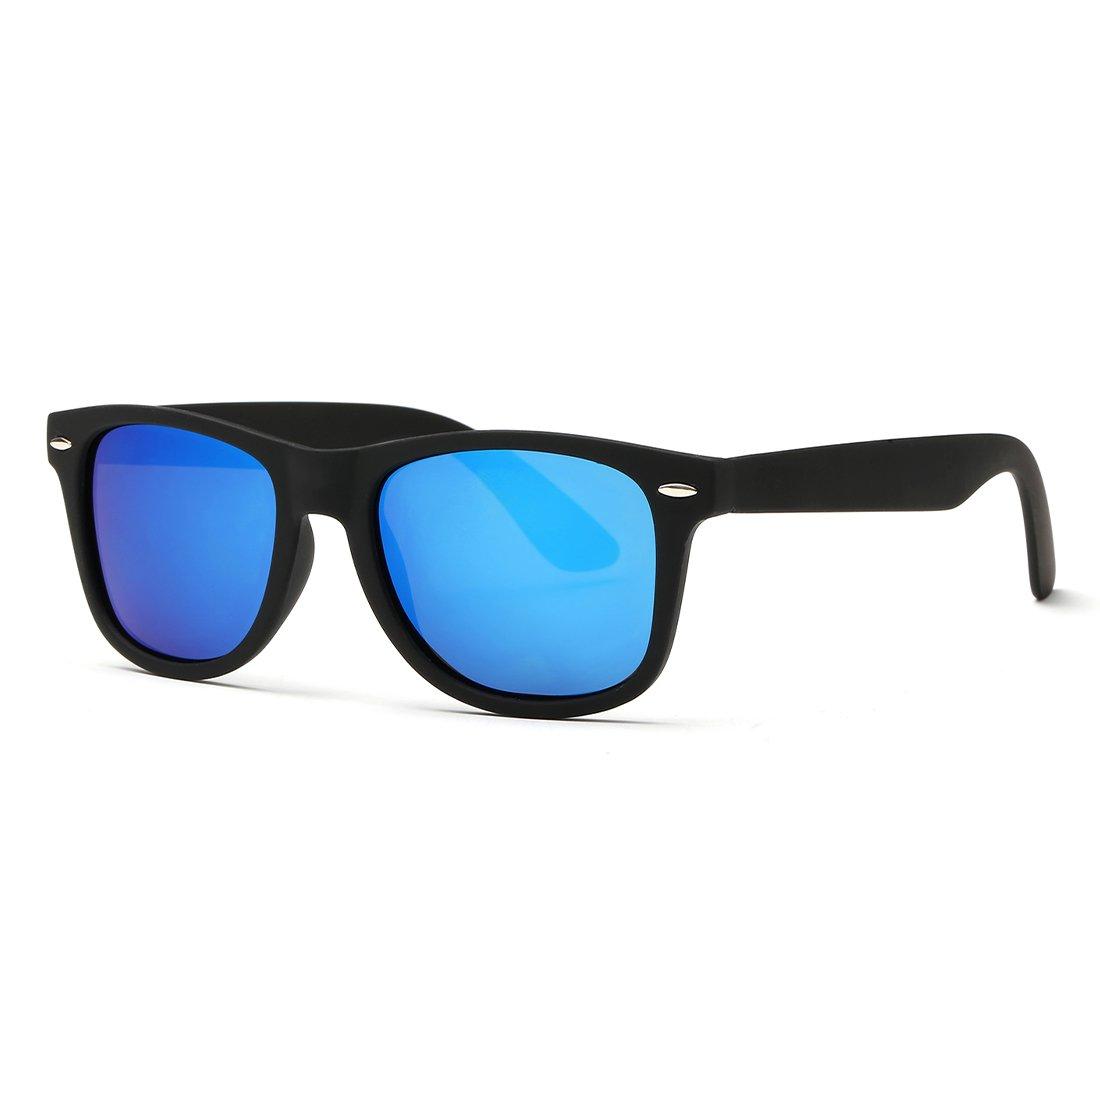 Kimorn Polarized Sunglasses Square Frame Horn Rimmed 80's Retor Glasses K0300 K0300-1